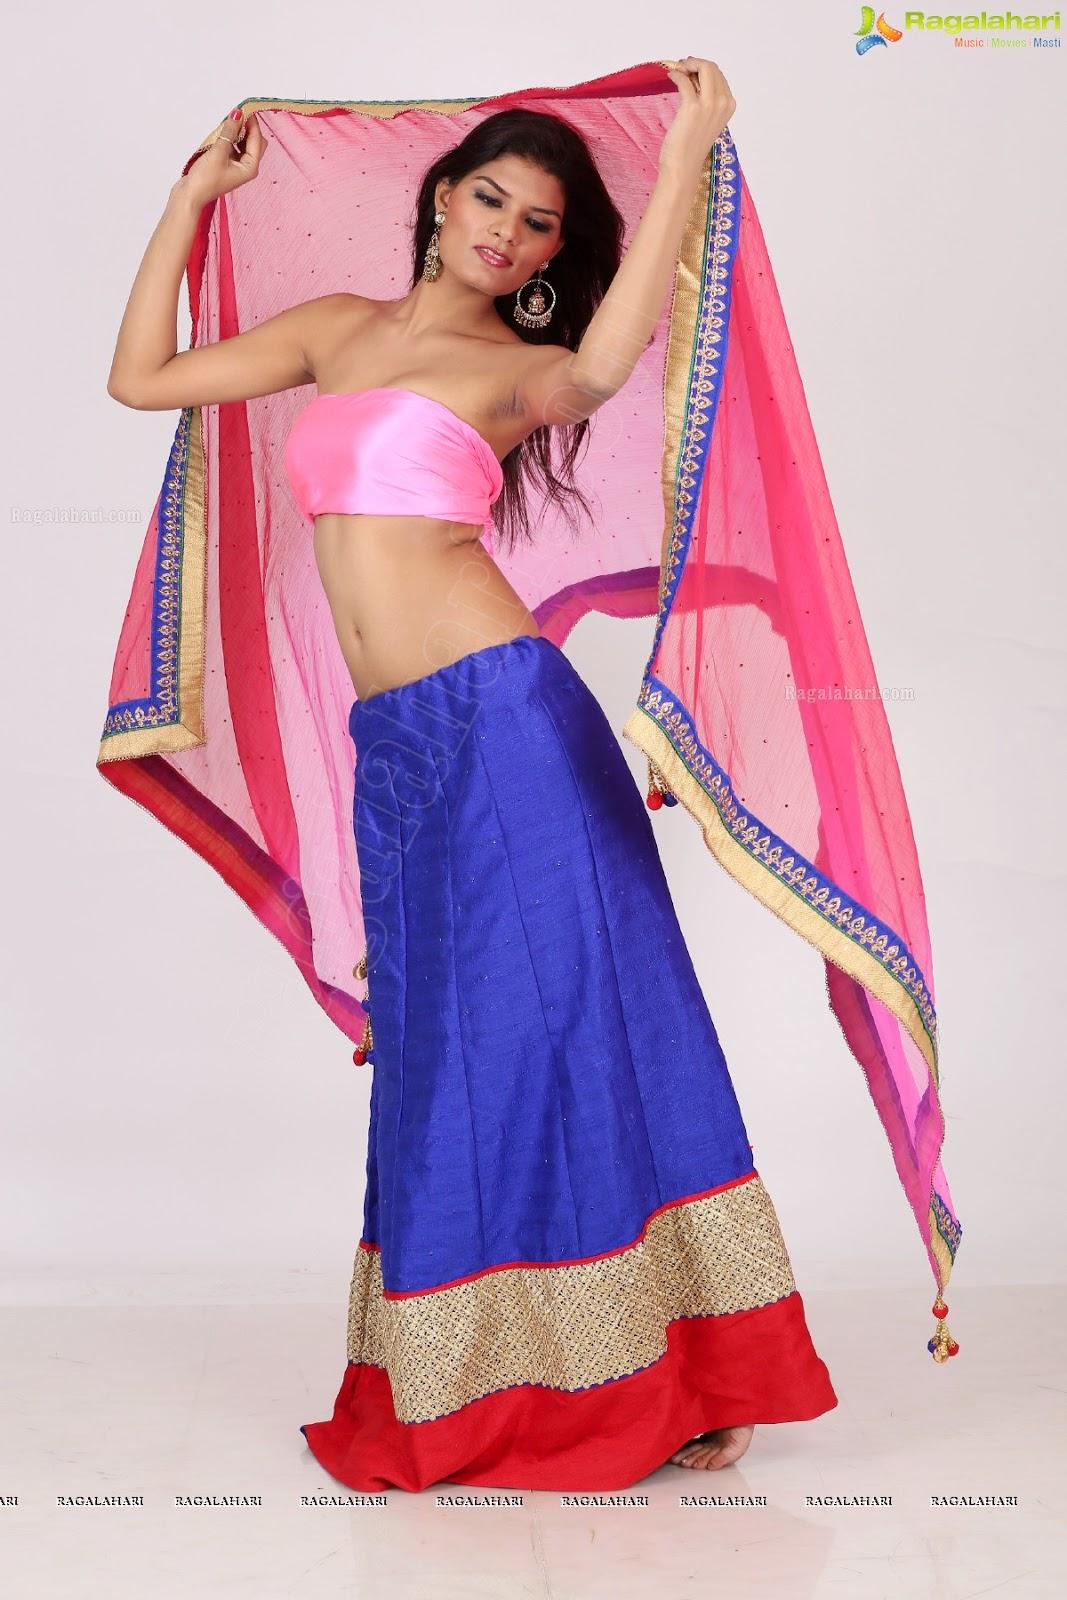 bhabhi saree strip